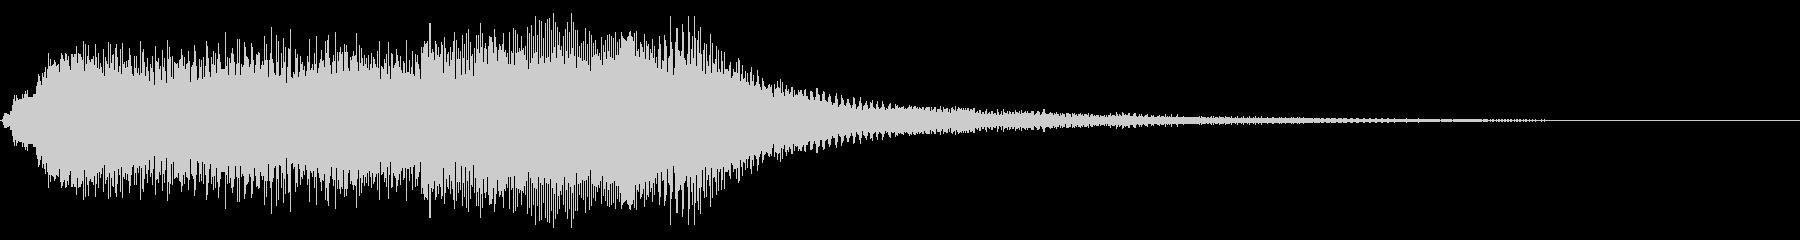 パイプオルガン チェレスタ 明るい の未再生の波形